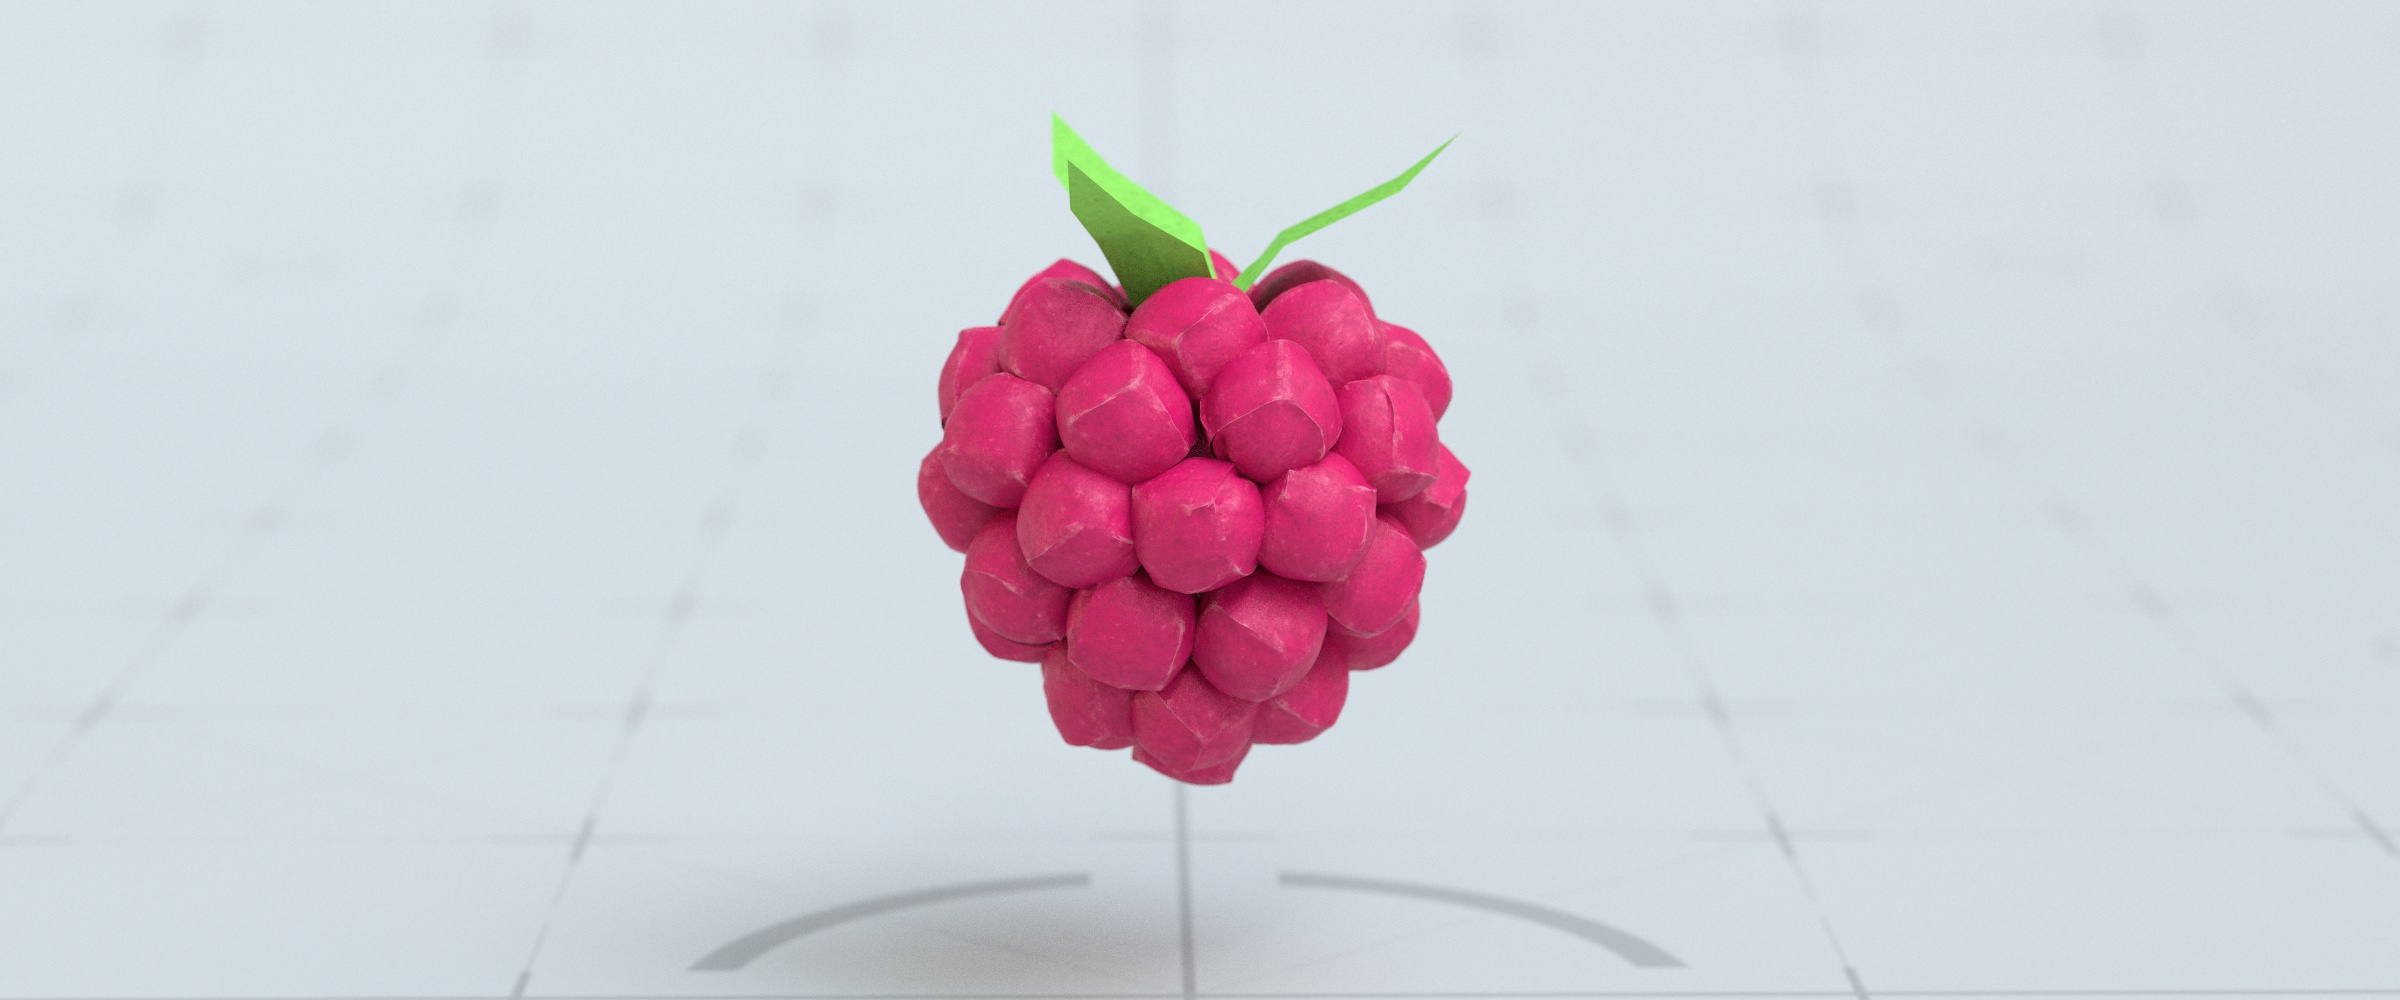 SM_Raspberry_A_Solo_v001.jpg